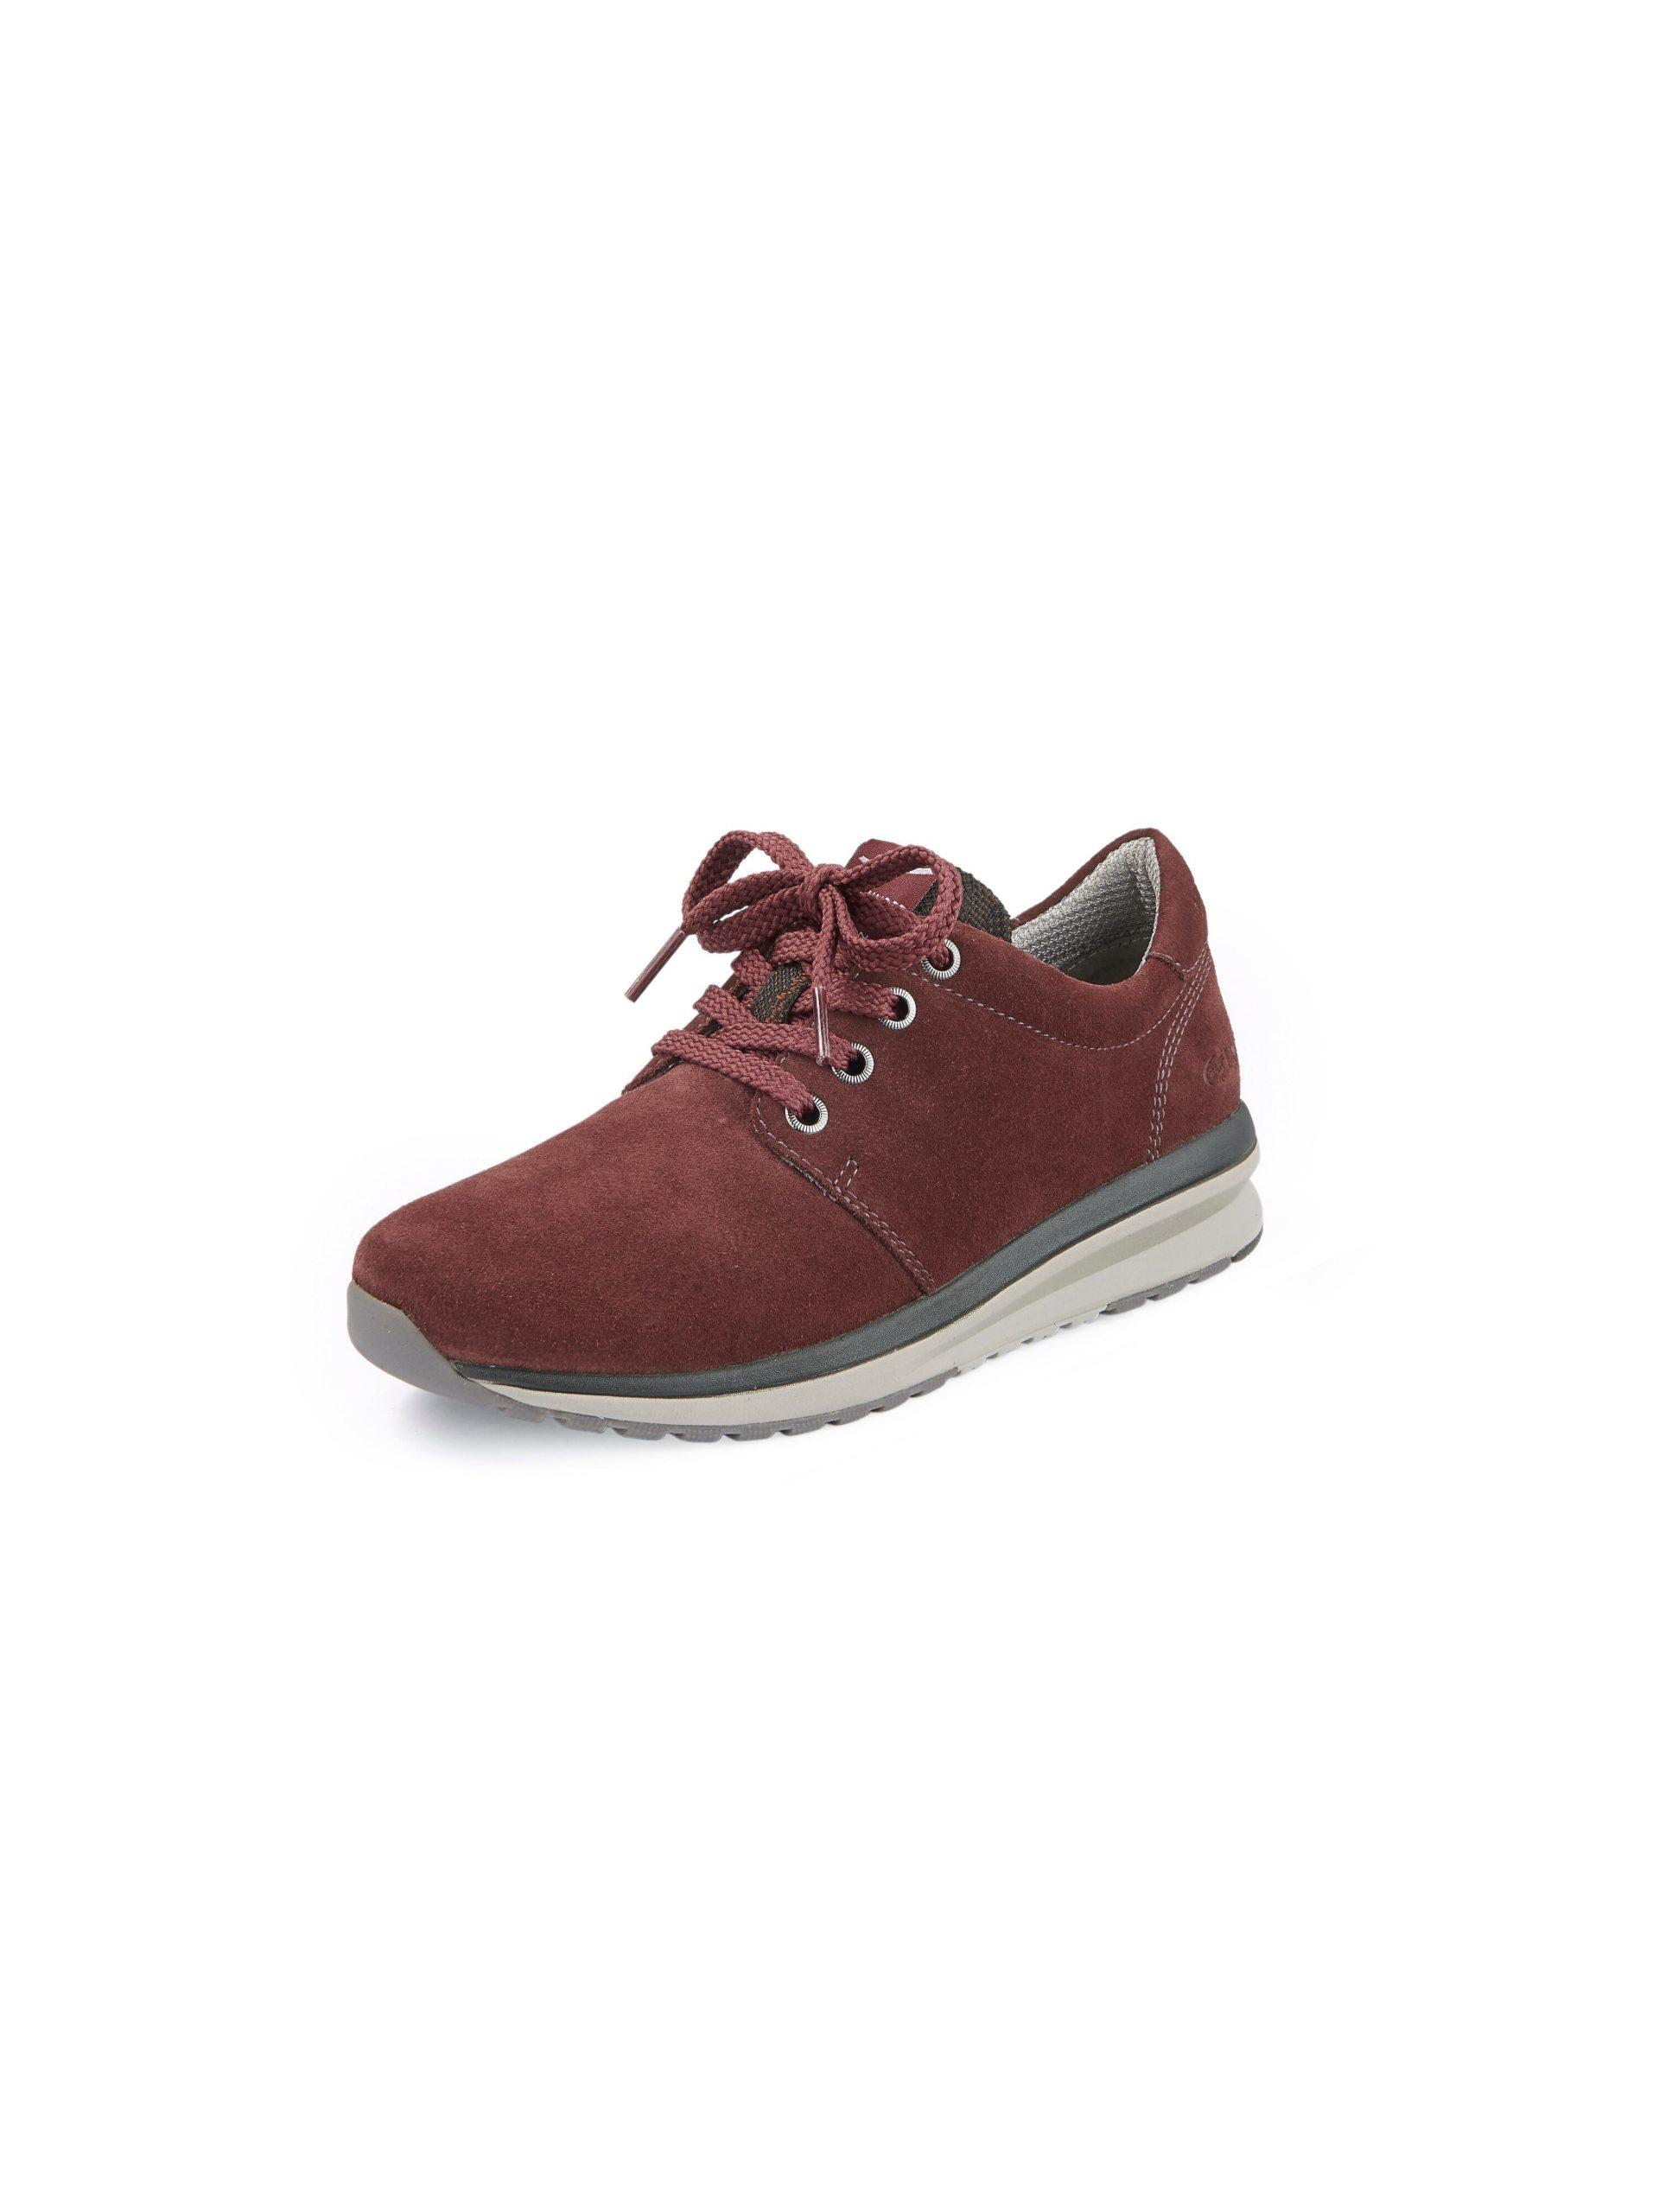 Sneakers Van Allrounder rood Kopen